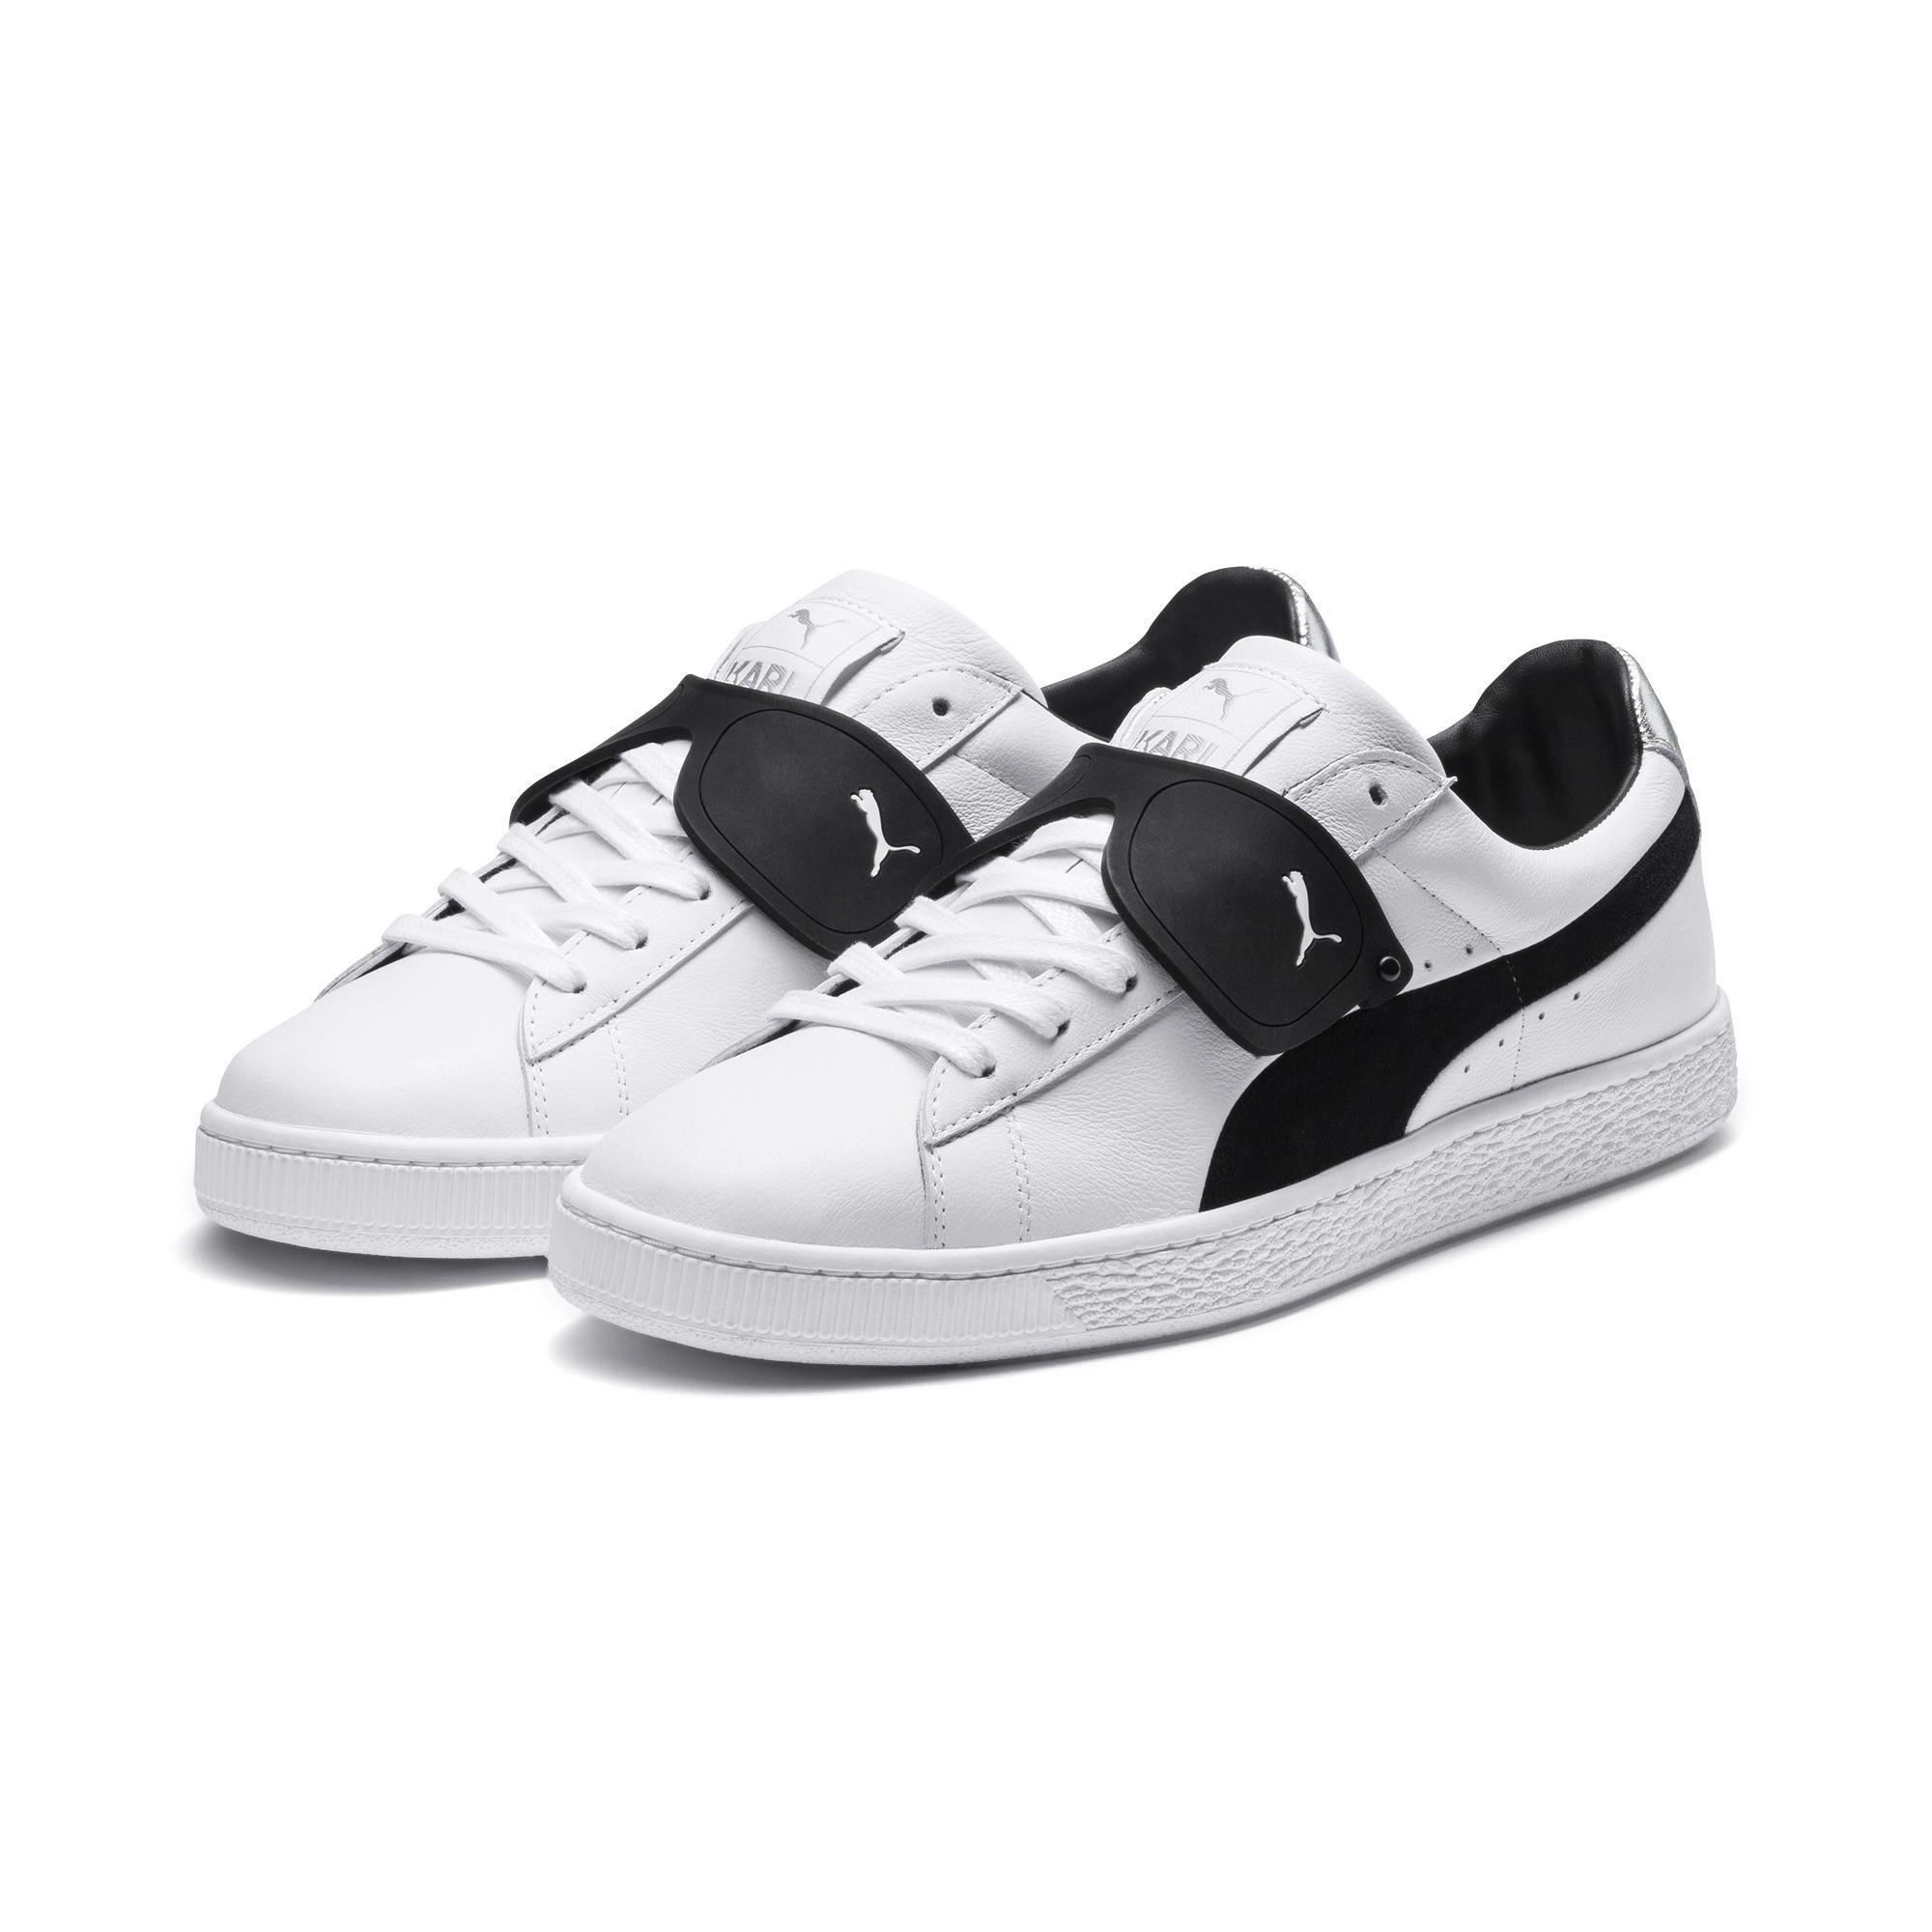 dec47f90033462 PUMA - Black X Karl Lagerfeld Suede Classic Sneakers - Lyst. View fullscreen